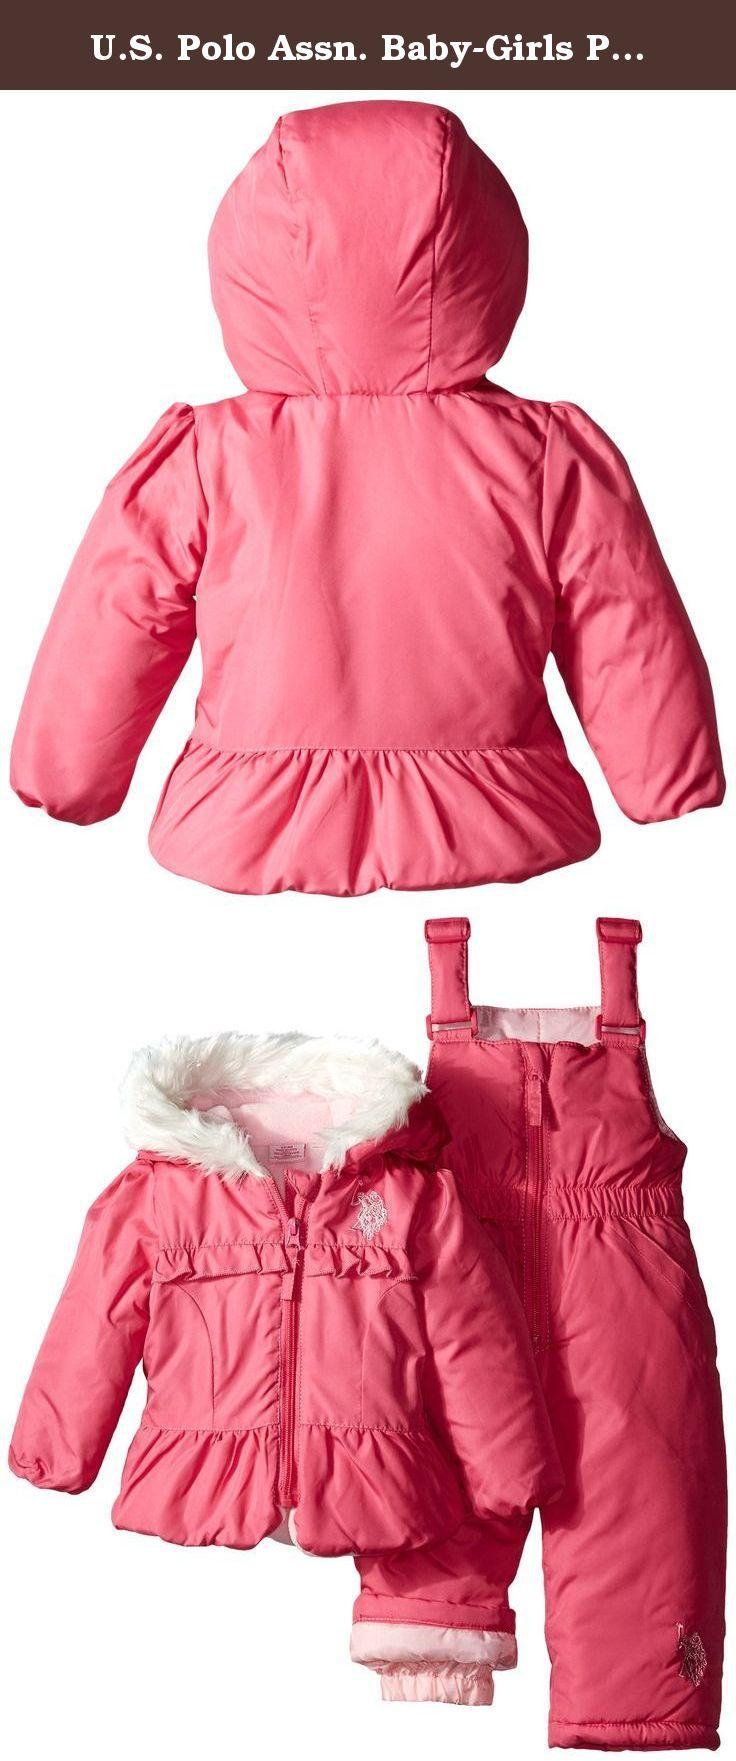 8e07610af U.S. Polo Assn. Baby-Girls Puffer Snowsuit, Pink Moon, 18 Months. Peplum  puffer jacket and bib pants.